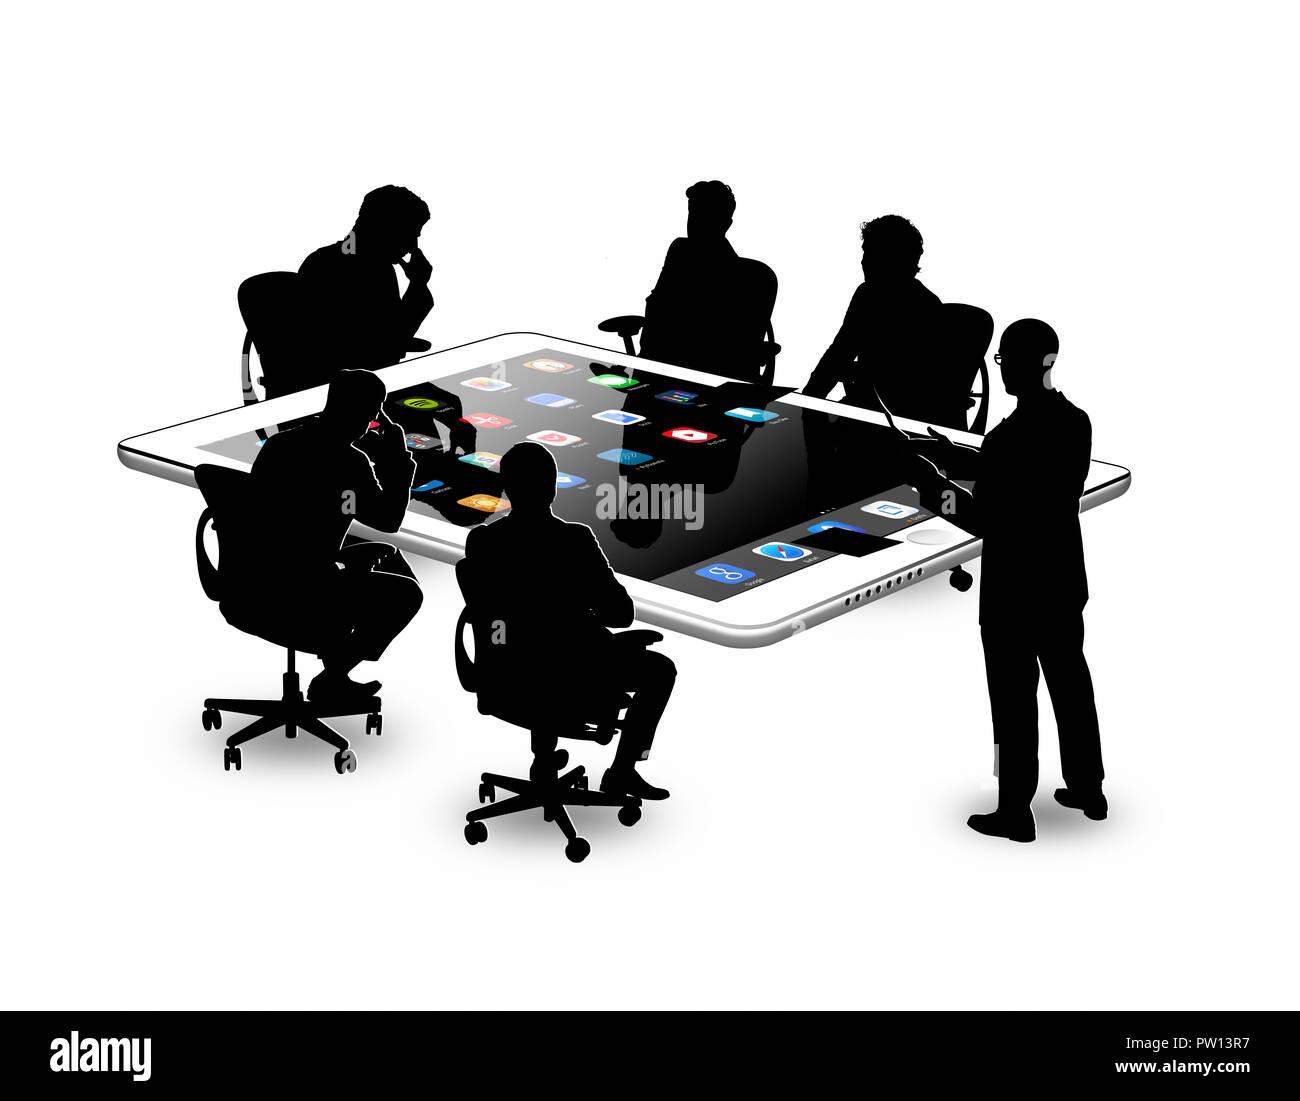 Konzept einer Gruppe von Business Männer in einer Konferenz, um einen Tisch, Tablet, Konferenz, Business Stockbild